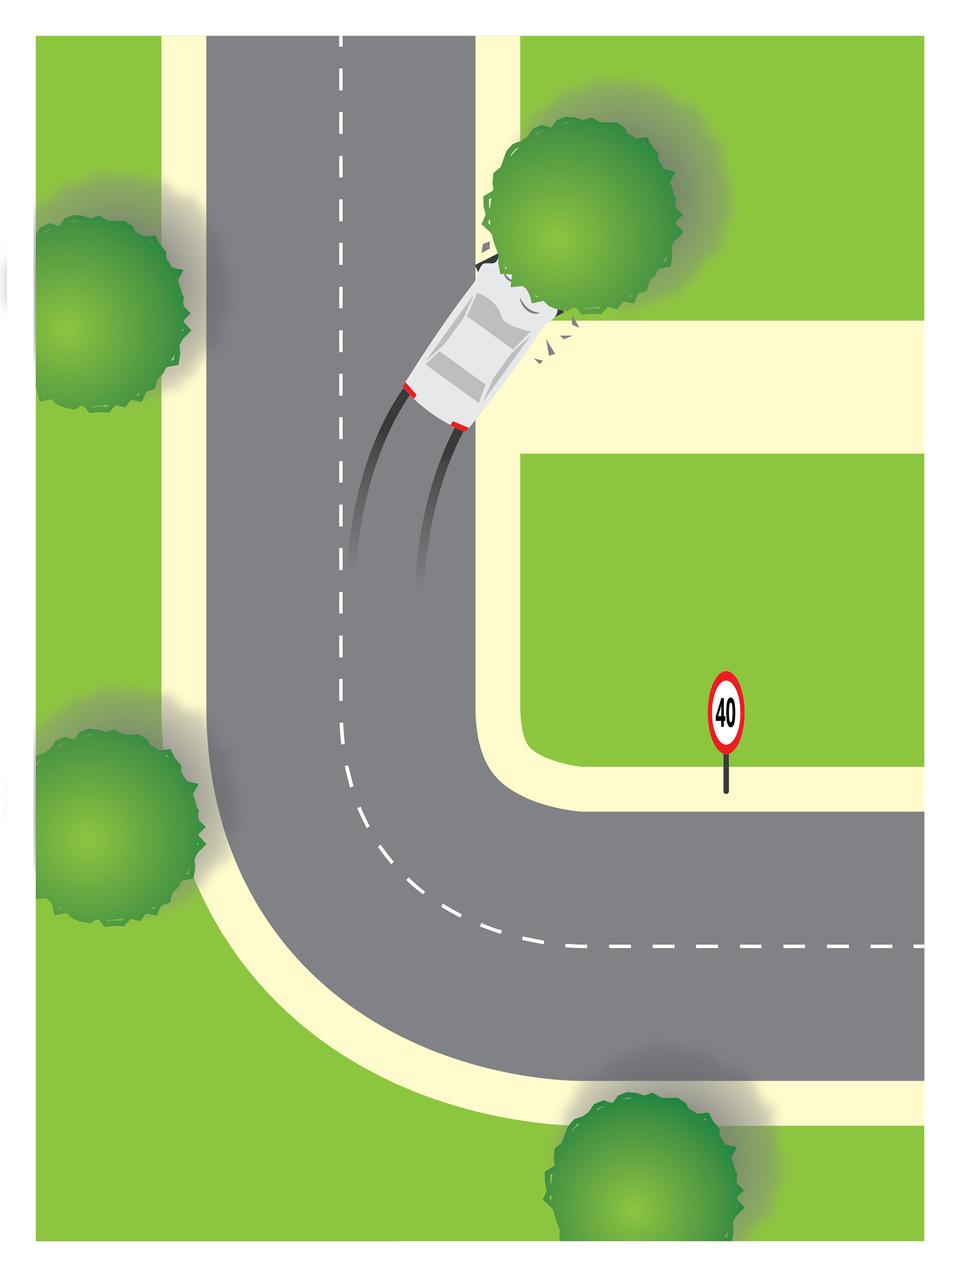 Ilustracja przedstawia schematyczny widok zgóry fragmentu drogi zostrym zakrętem wprawo. Droga rozpoczyna się wpobliżu prawego dolnego narożnika rysunku, przebiega poziomo ipo drugiej stronie kadru przechodzi zakrętem okącie 90 stopni wdrogę oprzebiegu pionowym. Pobocza drogi zaznaczone kolorem jasnożółtym, pozostałe obszary zielonym. Wpoczątkowej części poziomego odcinka drogi wjej górnej krawędzi (a więc po prawej stronie patrząc zperspektywy samochodu wjeżdżającego zza prawej krawędzi ilustracji) znajduje się znak zograniczeniem prędkości do czterdziestu kilometrów na godzinę. Na zielonych fragmentach ilustracji po lewej stronie kadru widoczne są zielone koła oposzarpanych krawędziach symbolizujące drzewa. Takie same koło znajduje się też po prawej stronie pionowego odcinka drogi wgórnej części ilustracji. Wdrzewo wbity jest jasnoszary samochód osobowy stojący ukosem do kierunku jazdy, częściowo na jezdni aczęściowo na poboczu. Za samochodem ślady hamowania, przednia część maski pofalowana, wokół rozrzucone odłamki auta igałęzi.